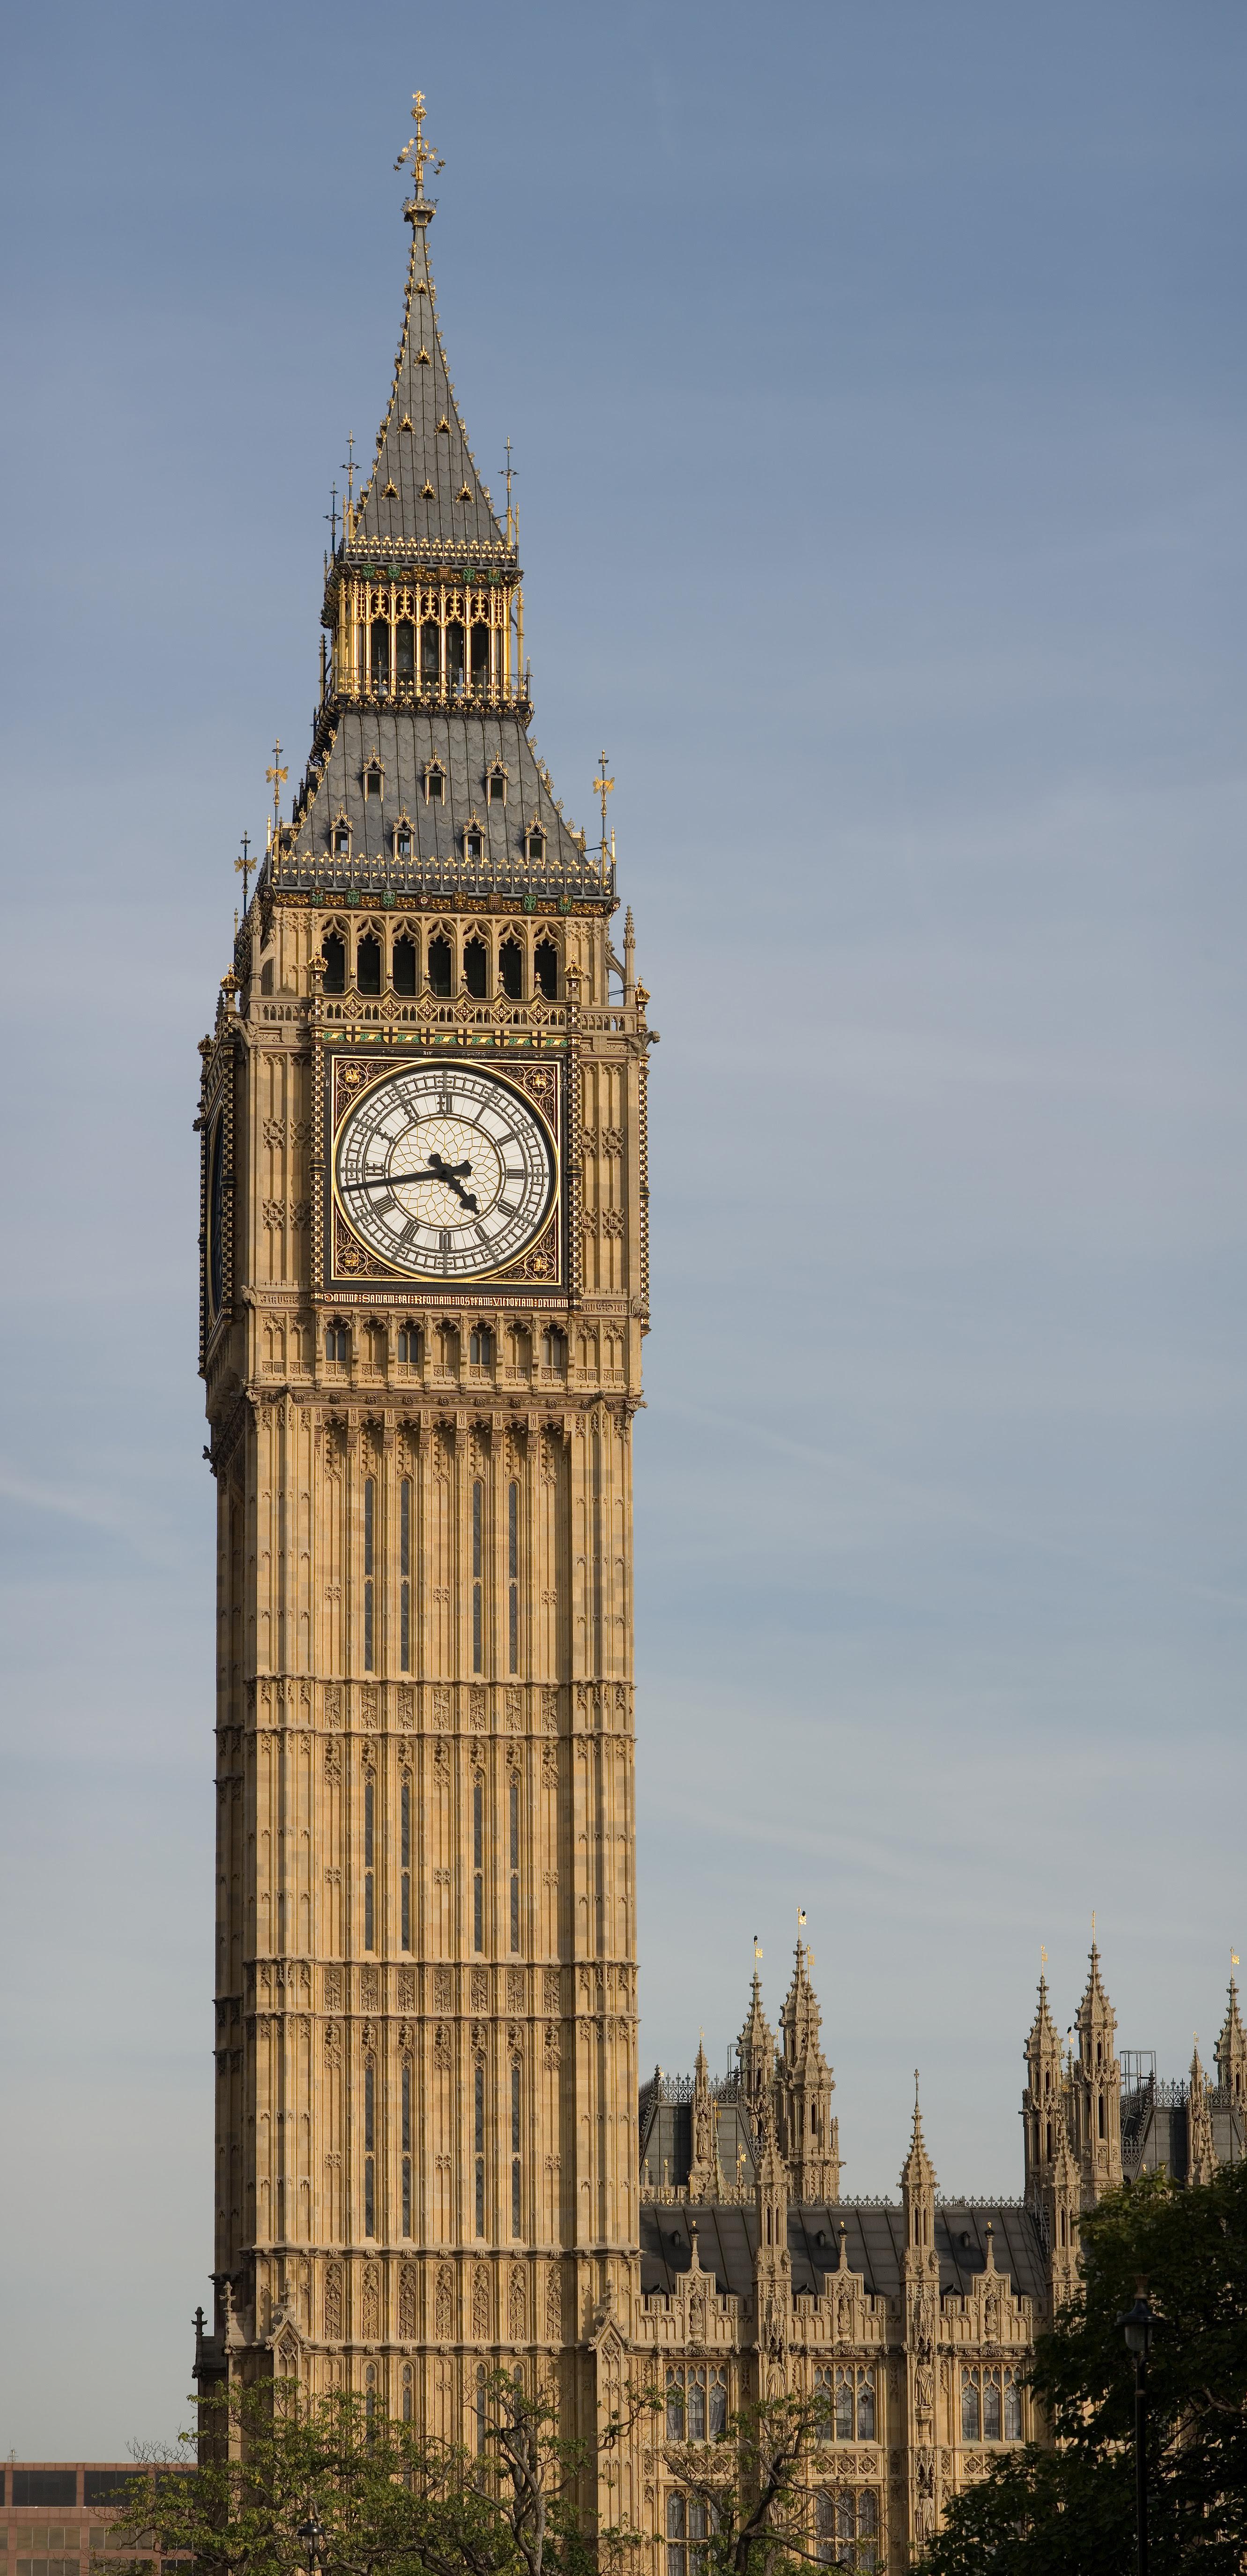 هل تعلم ساعة مشهورة تعتبر معلم سياحى مكونة من 5 حروف